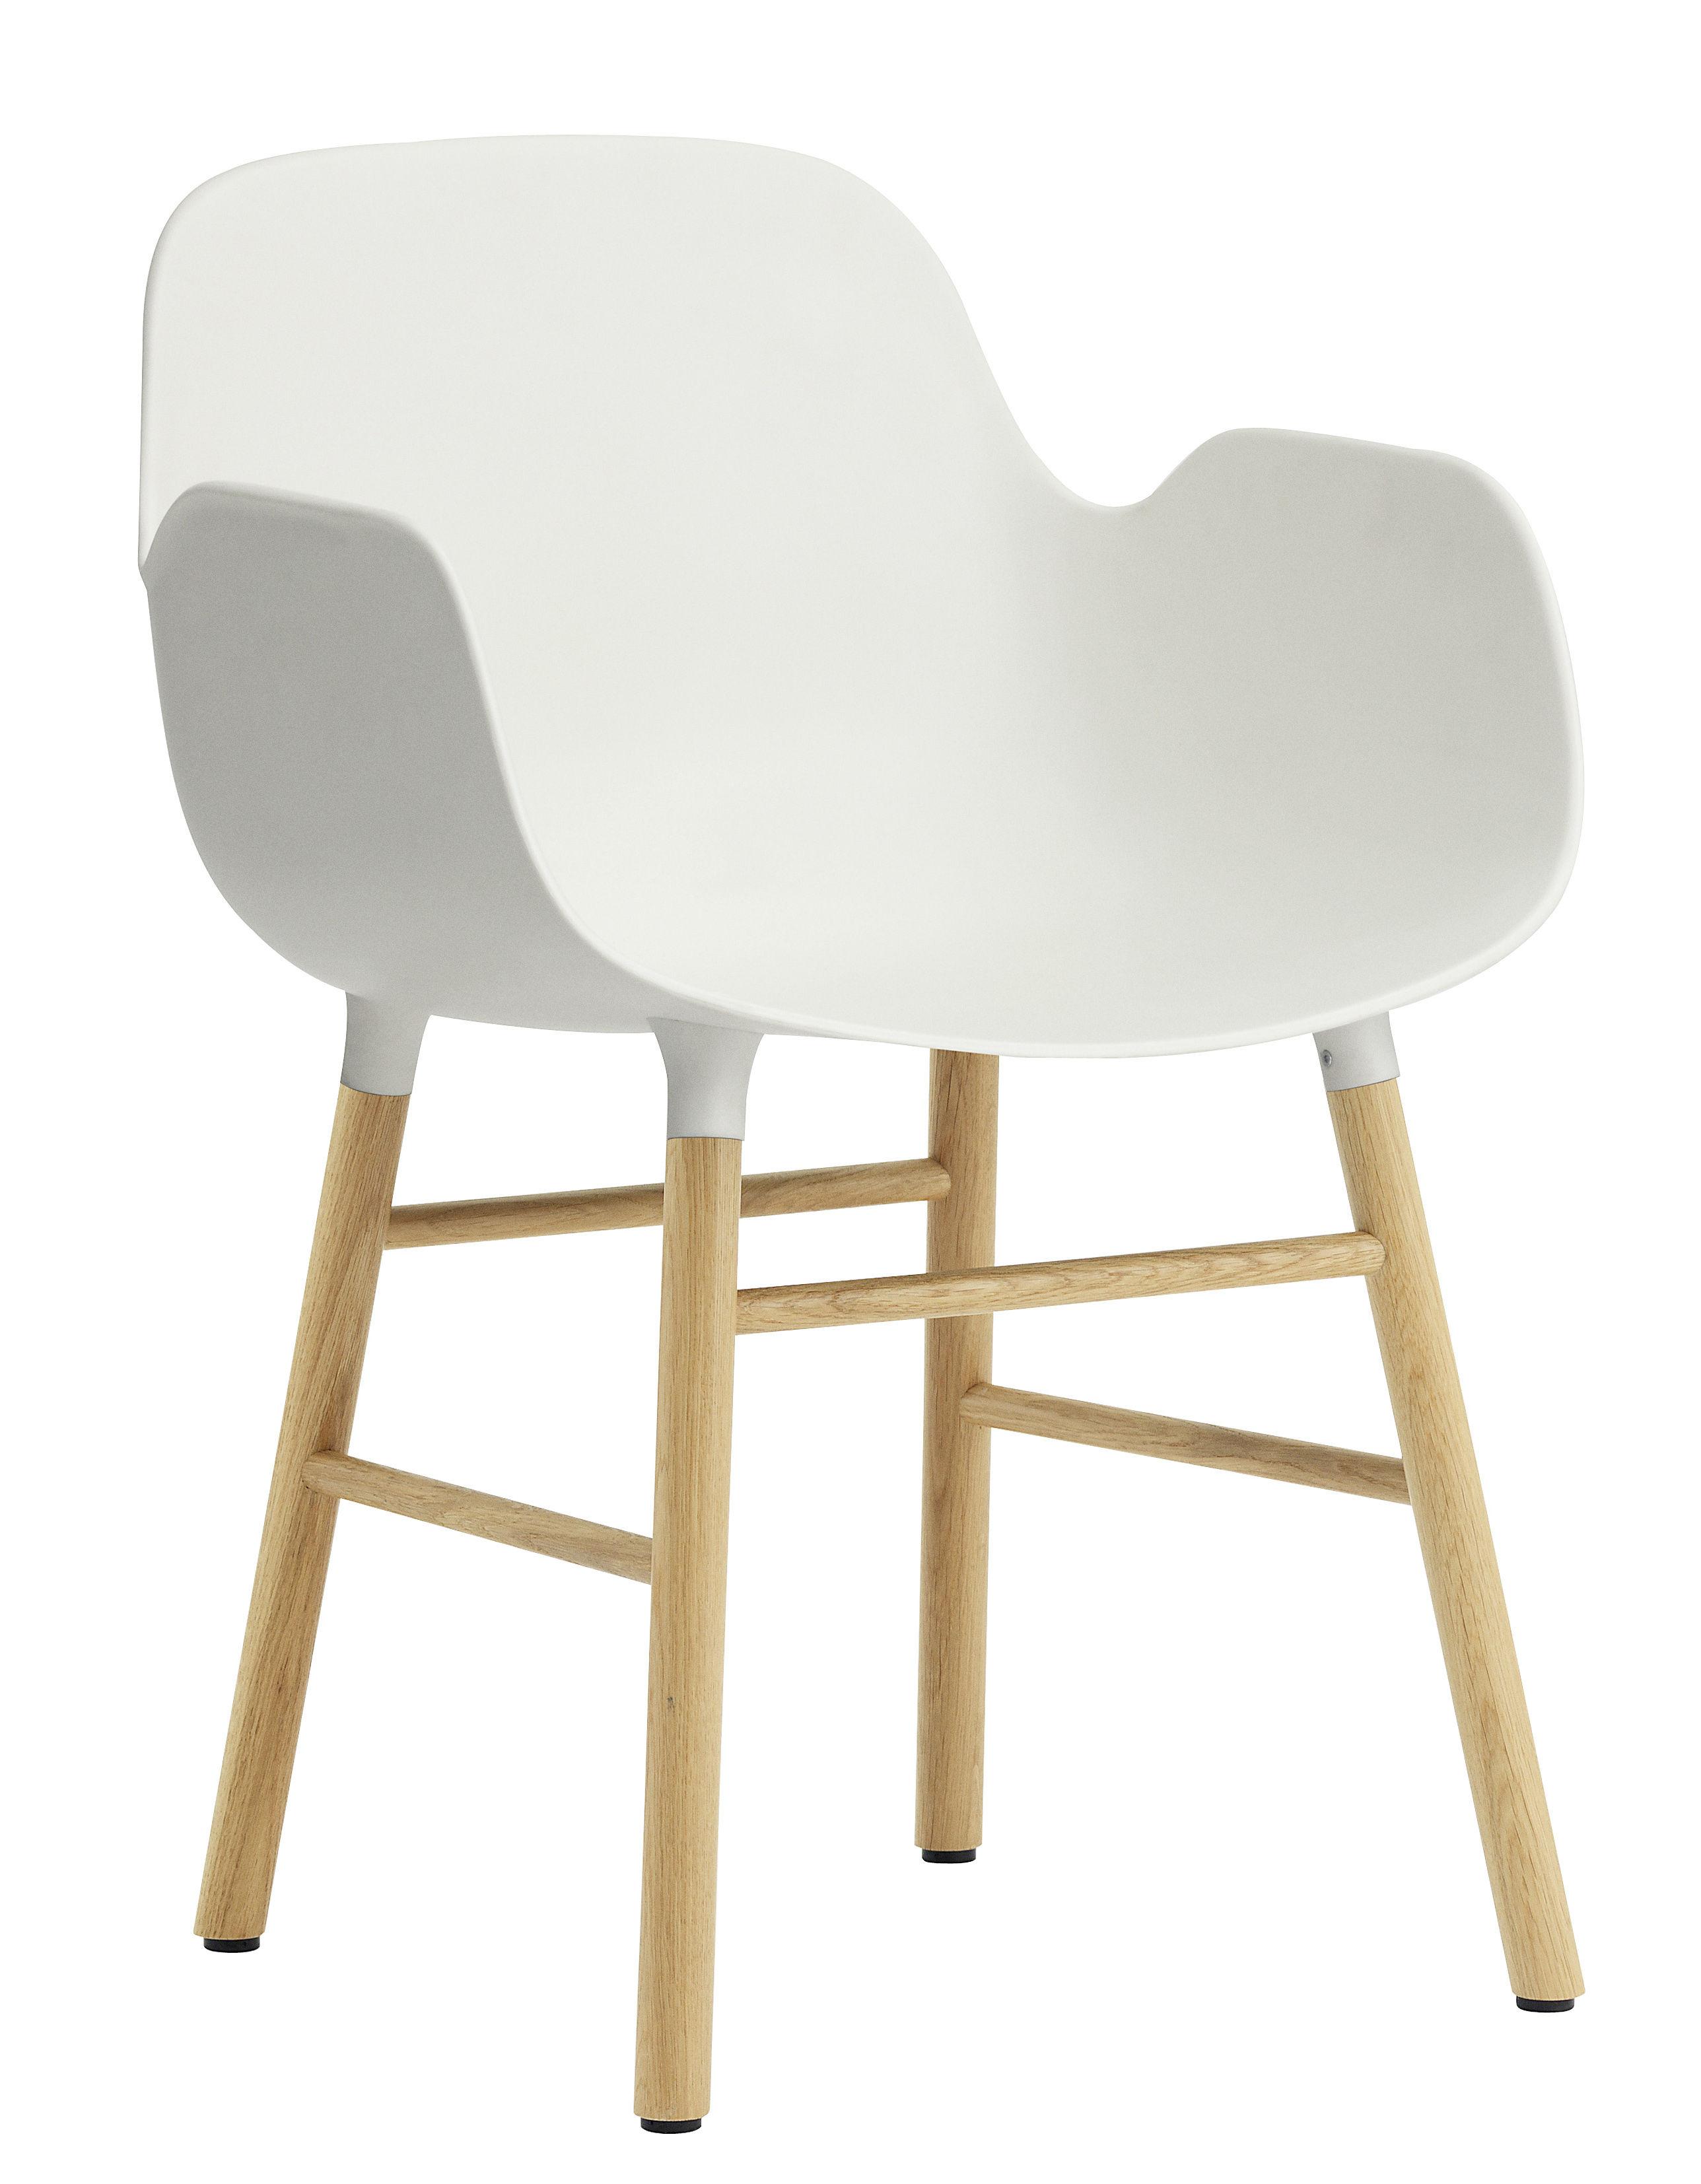 Arredamento - Sedie  - Poltrona Form - / Gambe in rovere di Normann Copenhagen - Bianco / rovere - Polipropilene, Rovere